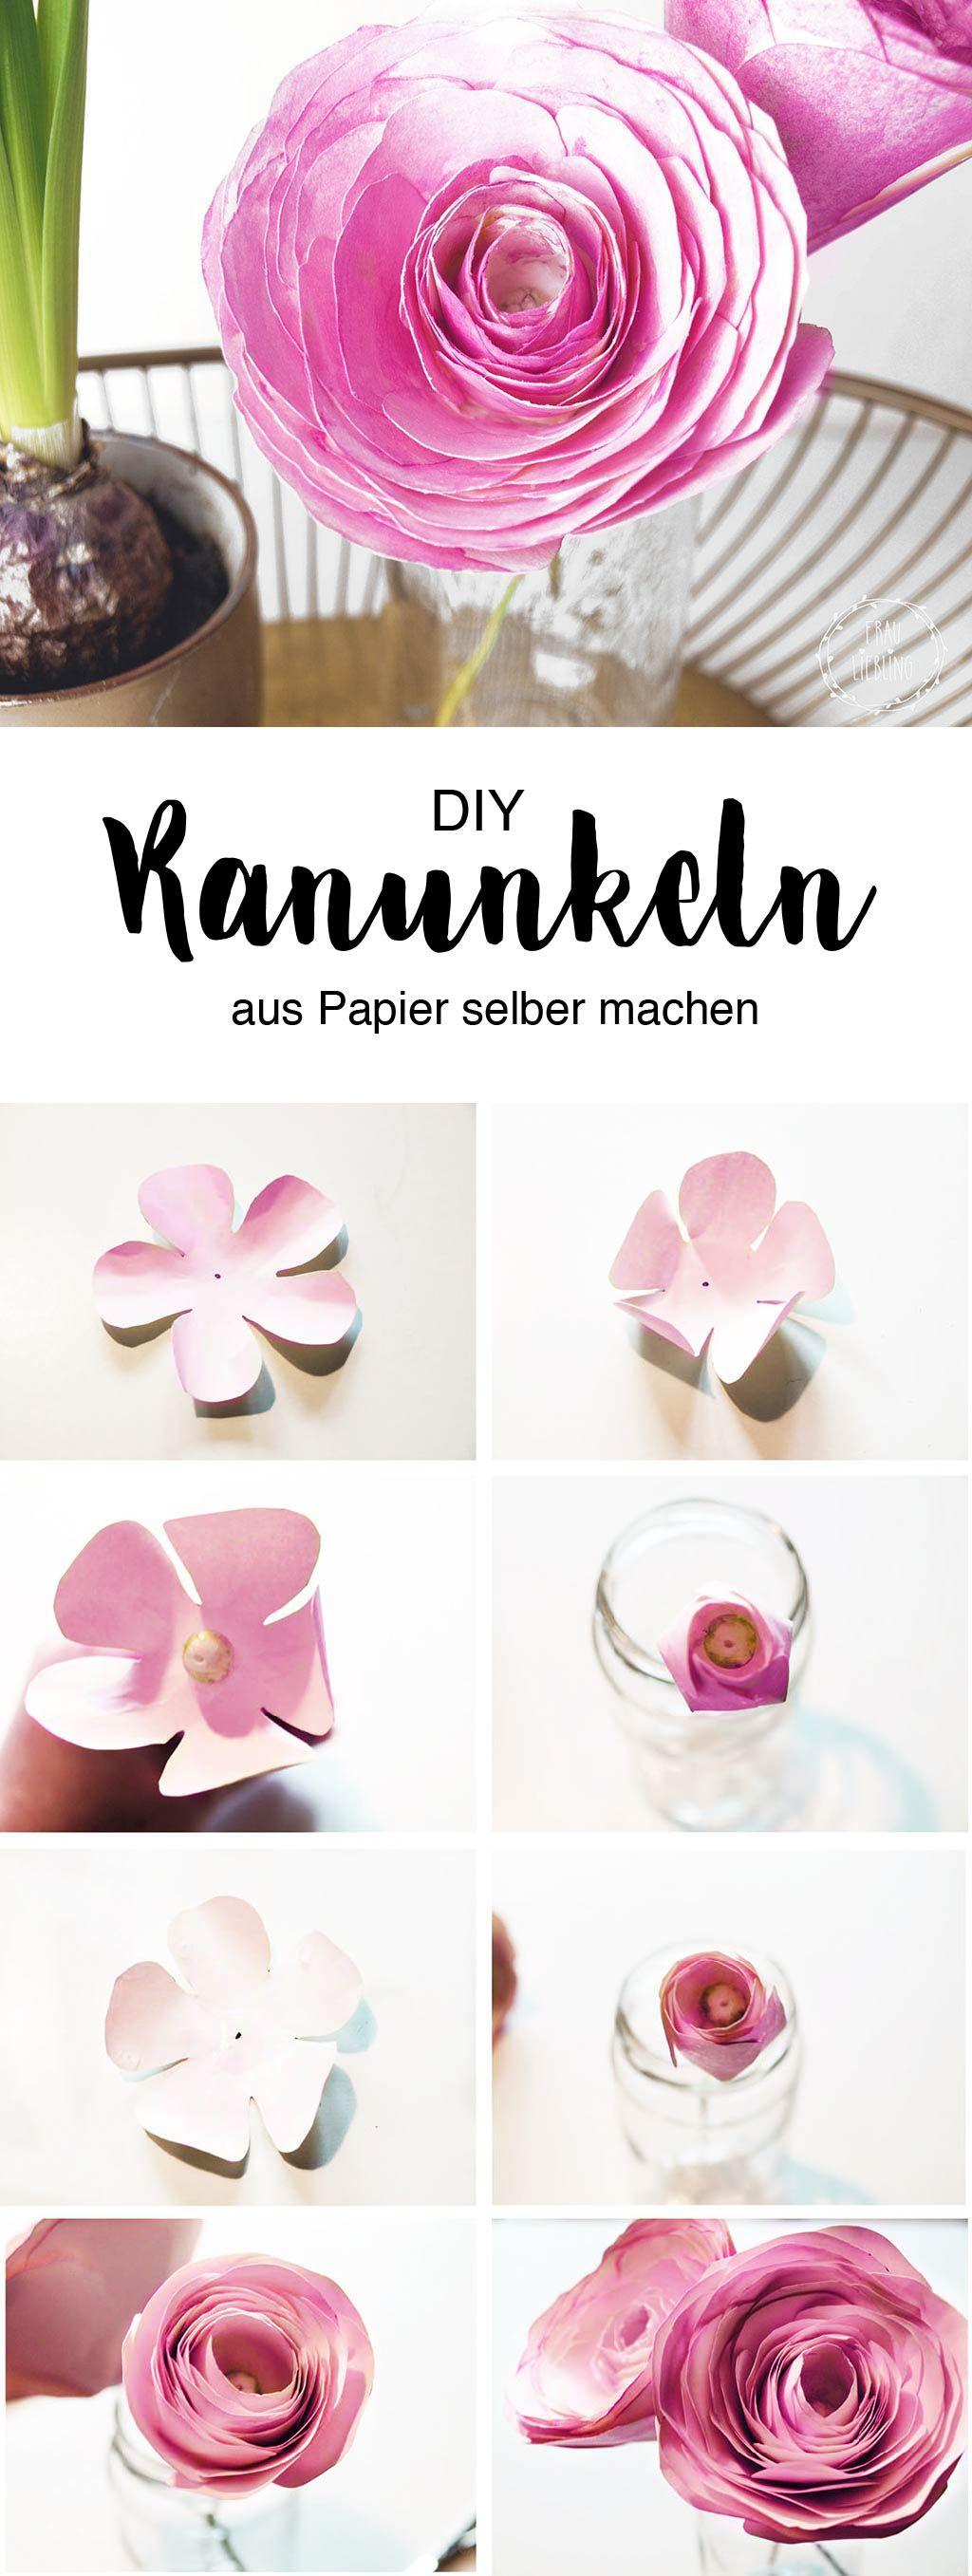 diy papierblumen: schöne ranunkeln ganz einfach selber machen | frau